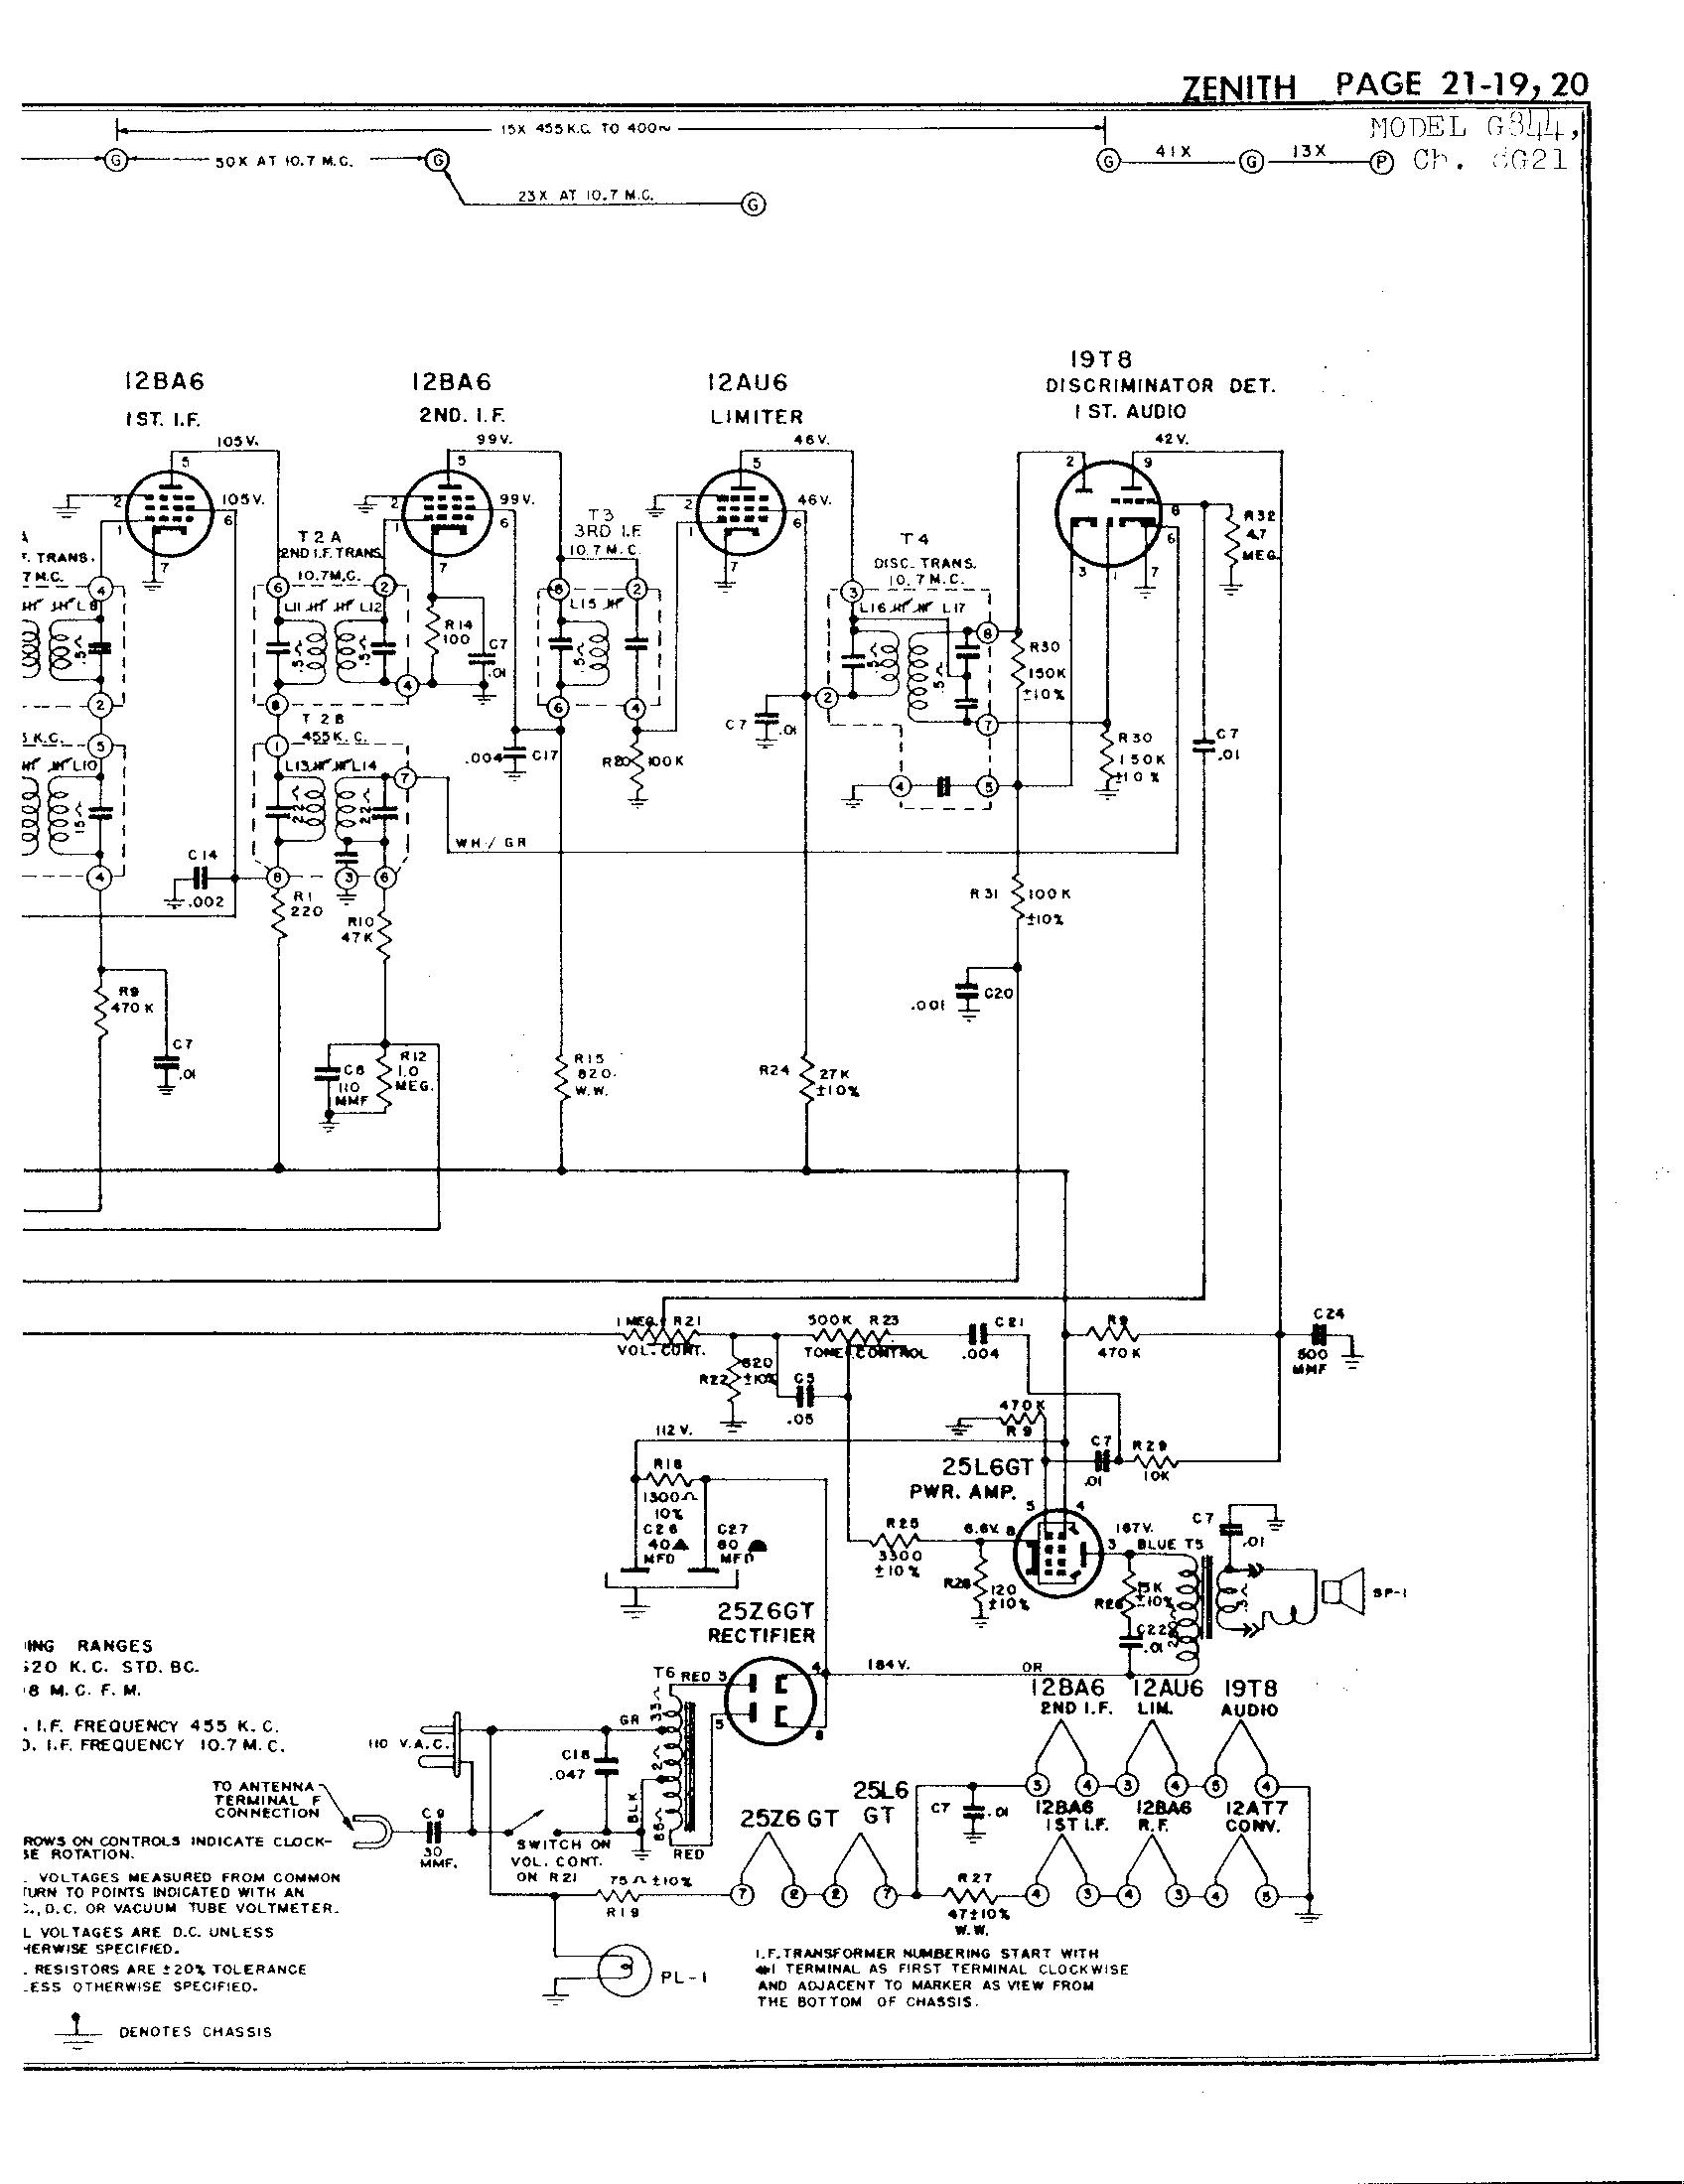 Zenith Radio Corp G844